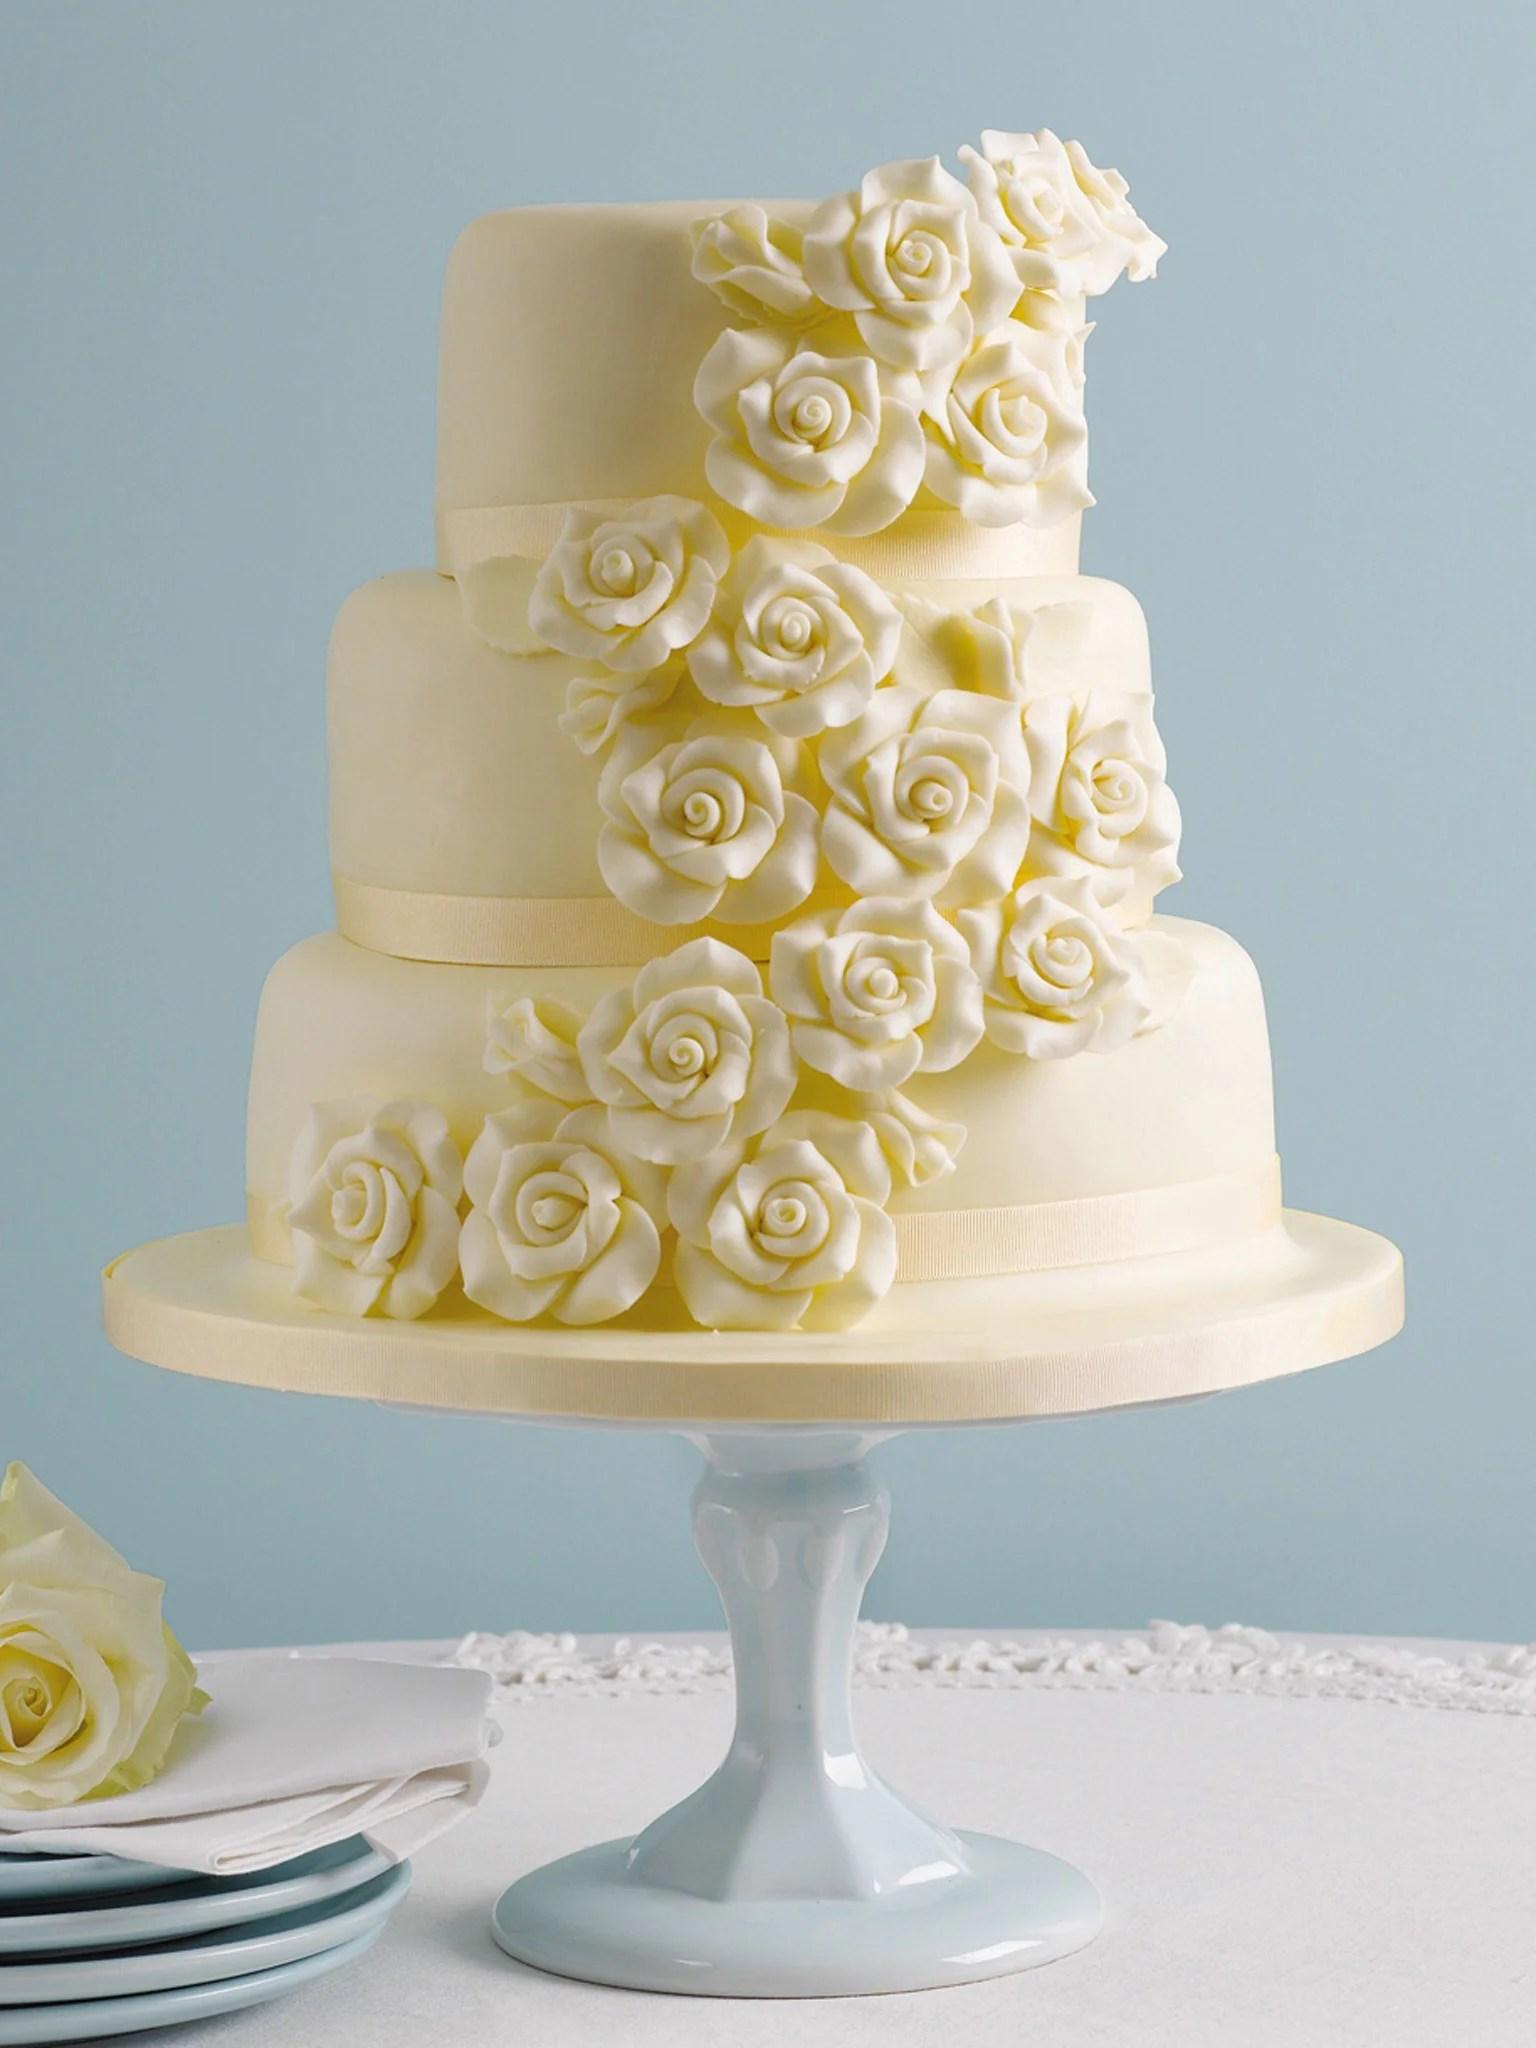 Best Wedding Cake Flavours